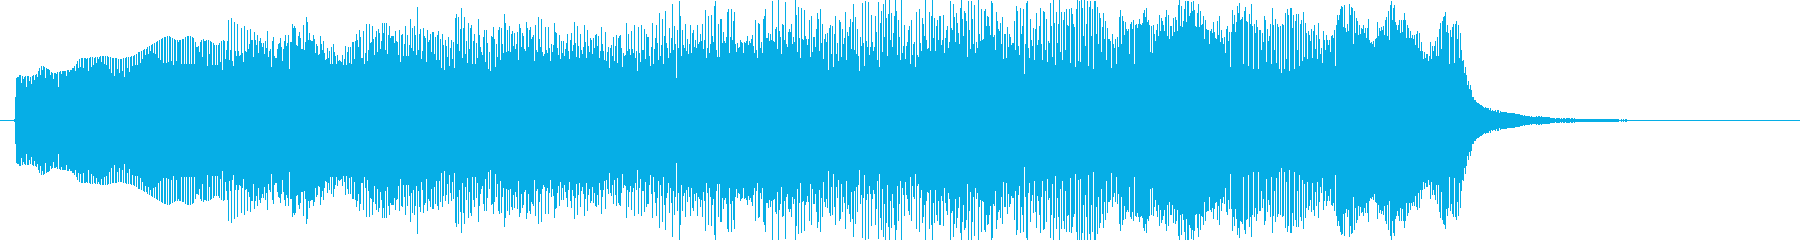 タイトルで流れているイメージです。の再生済みの波形